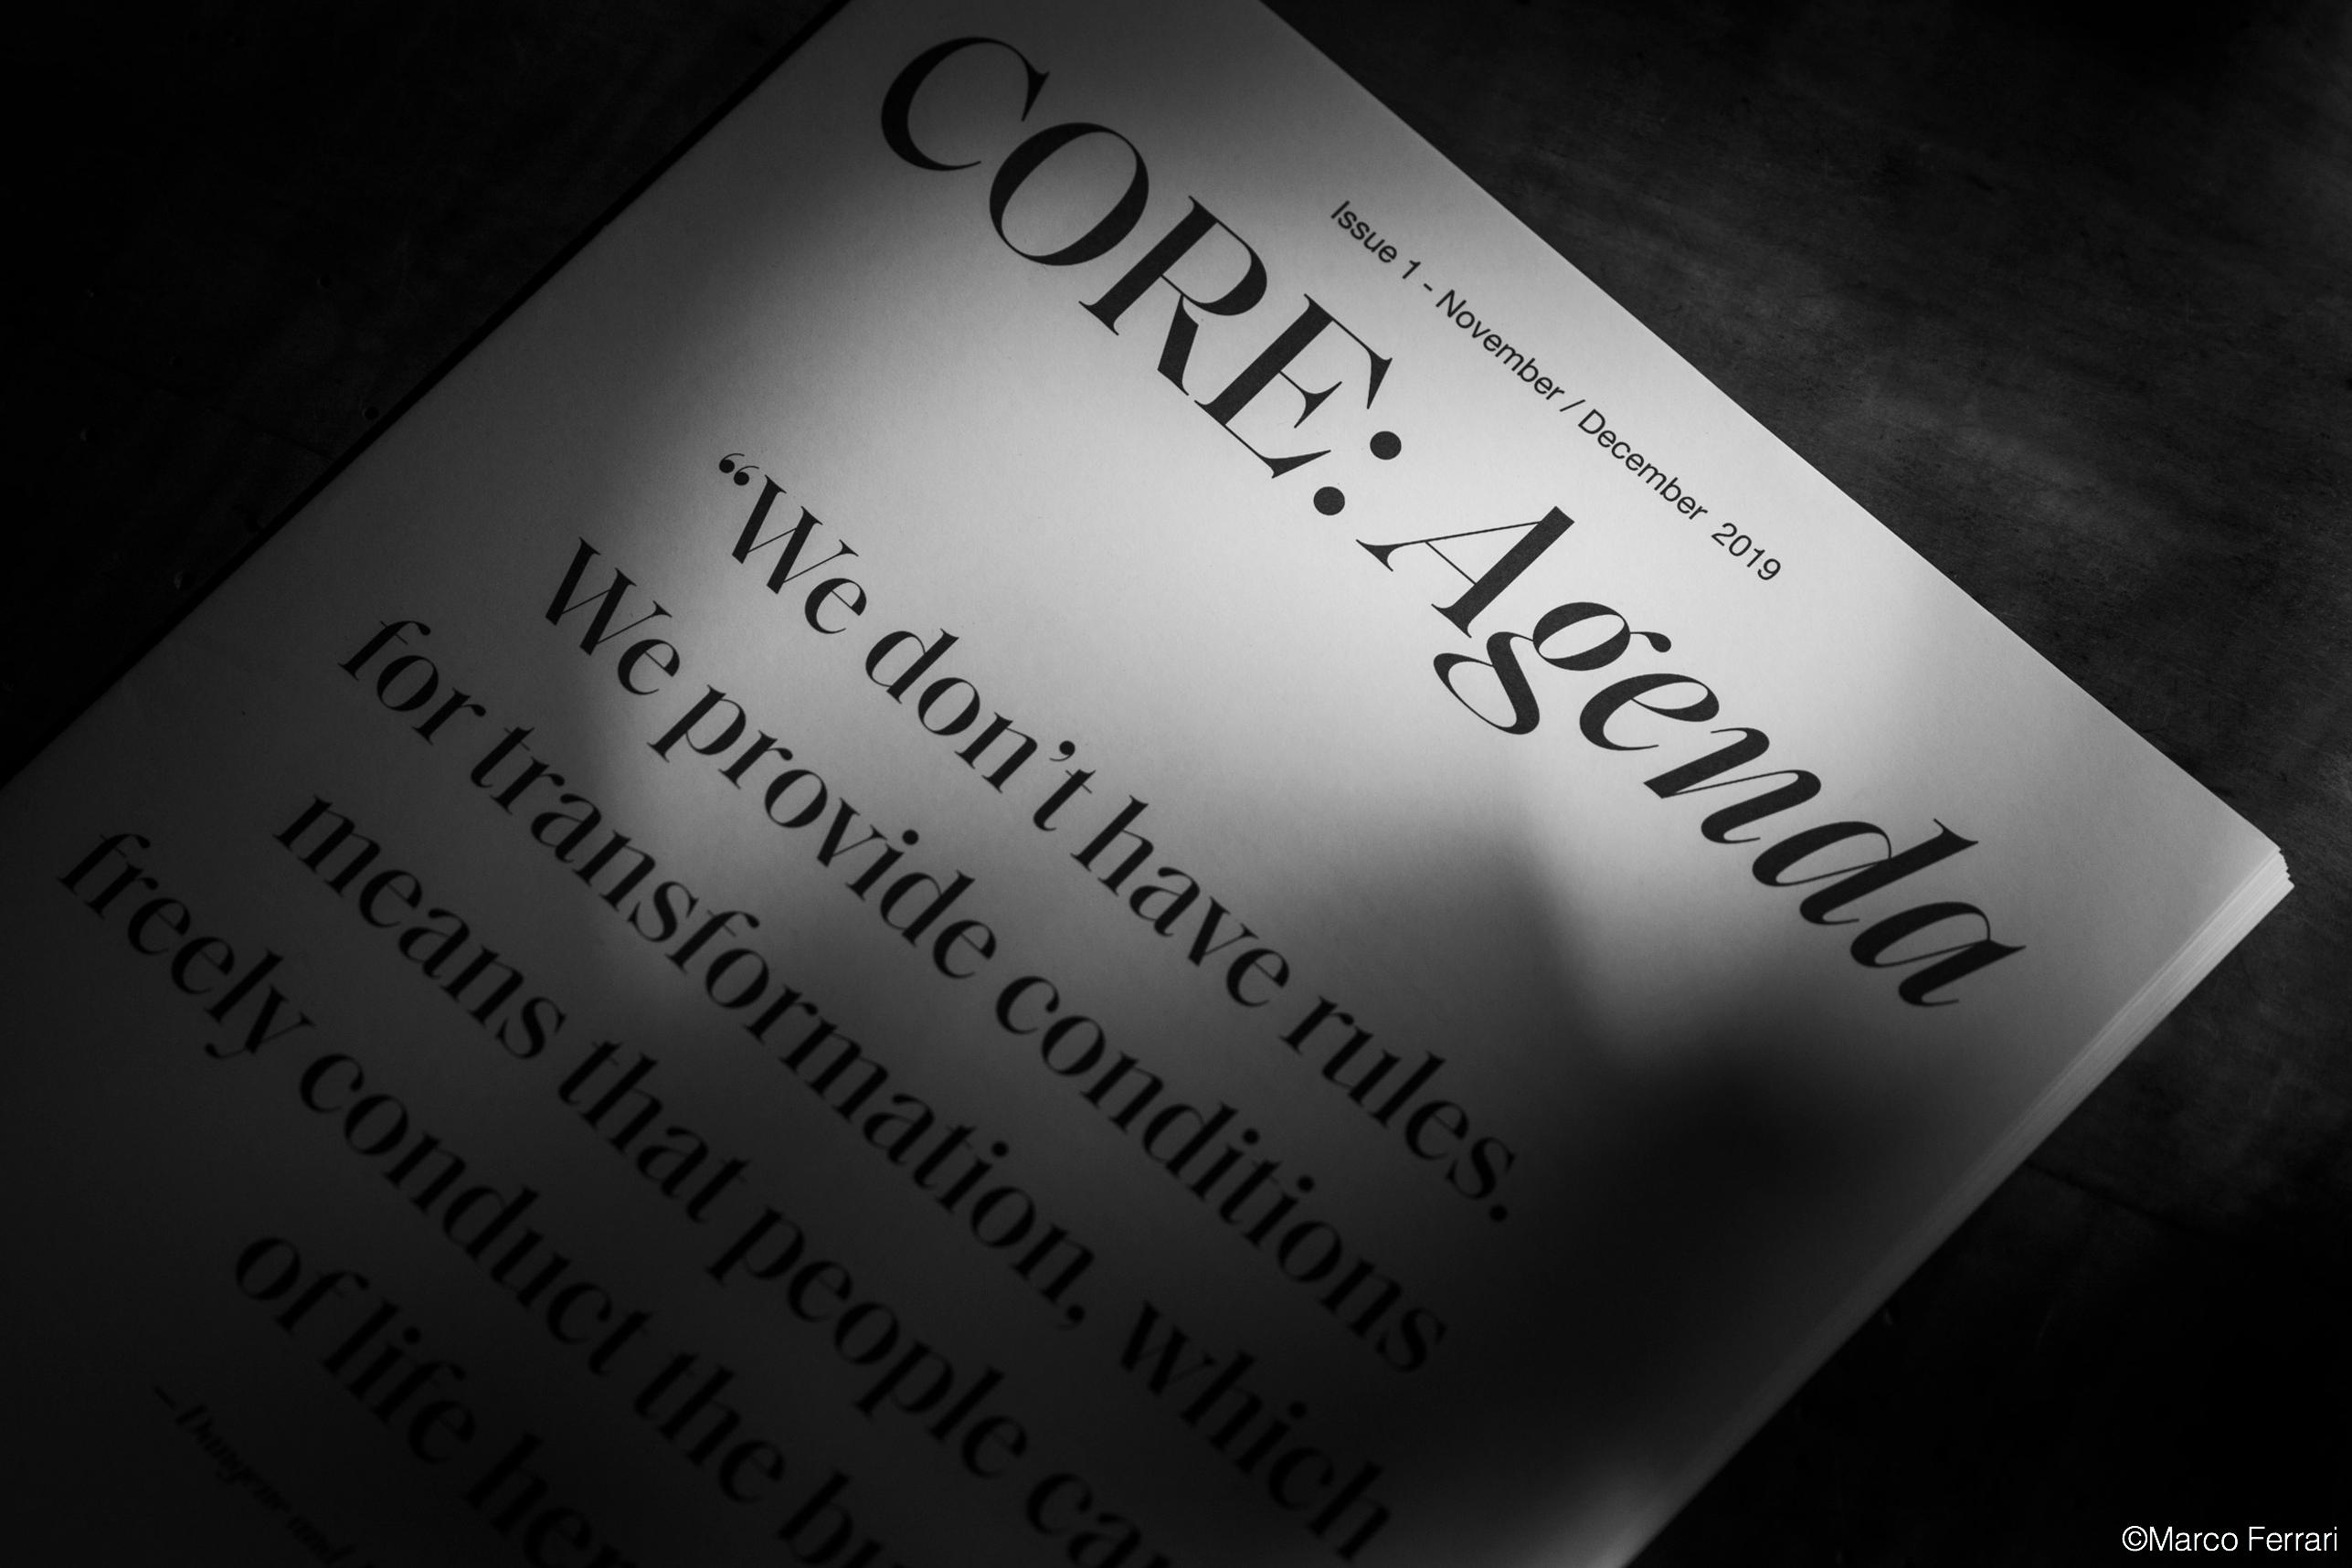 core agenda magazine